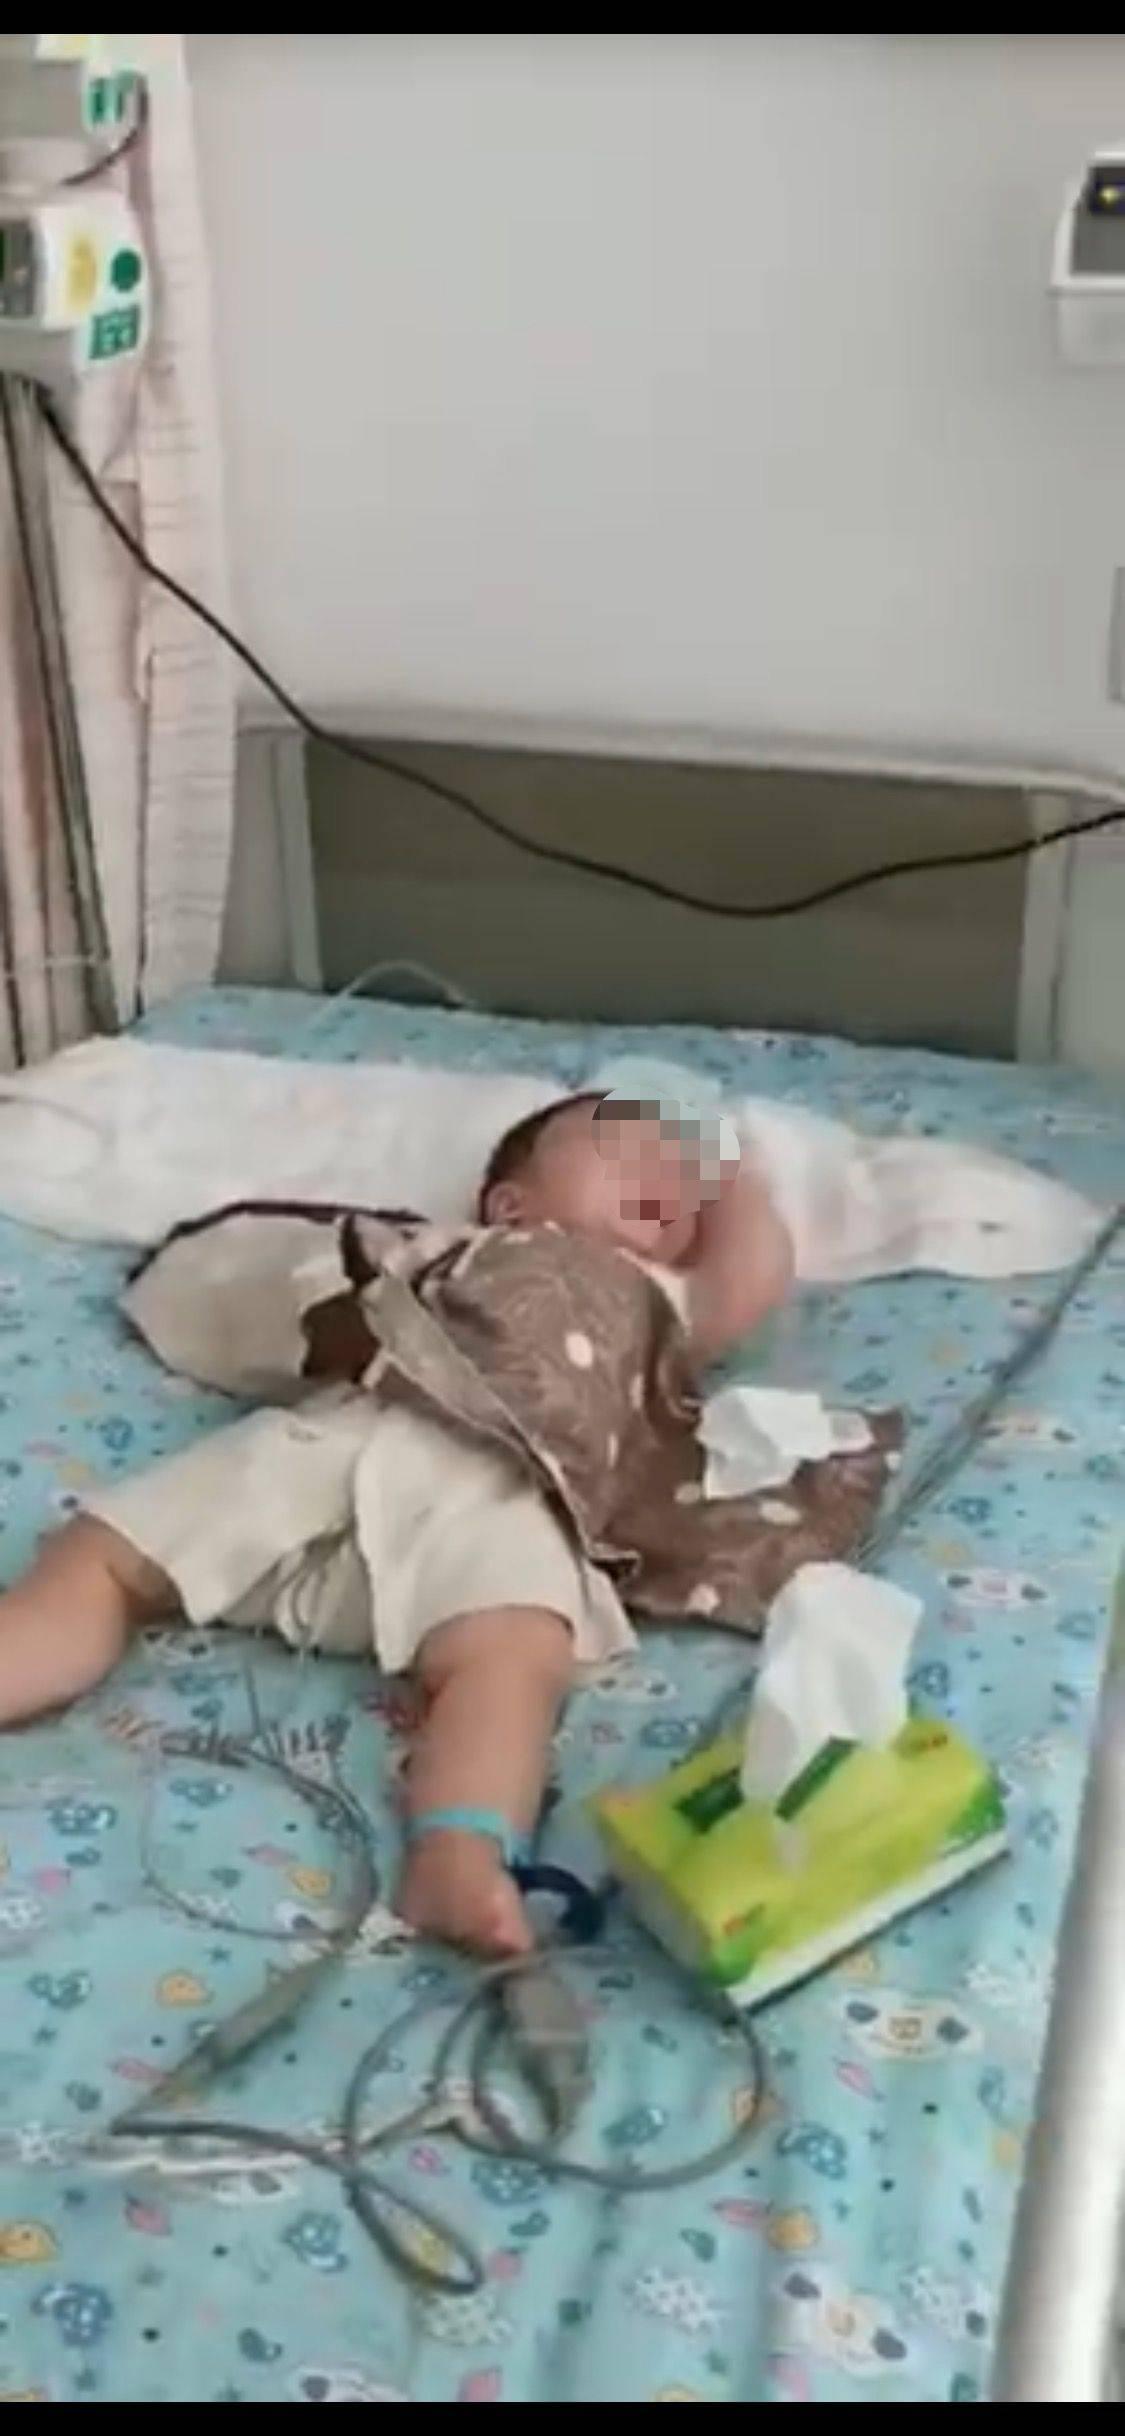 """深圳6个月大女婴被高空""""飞瓶""""砸伤,警方已介入调查"""